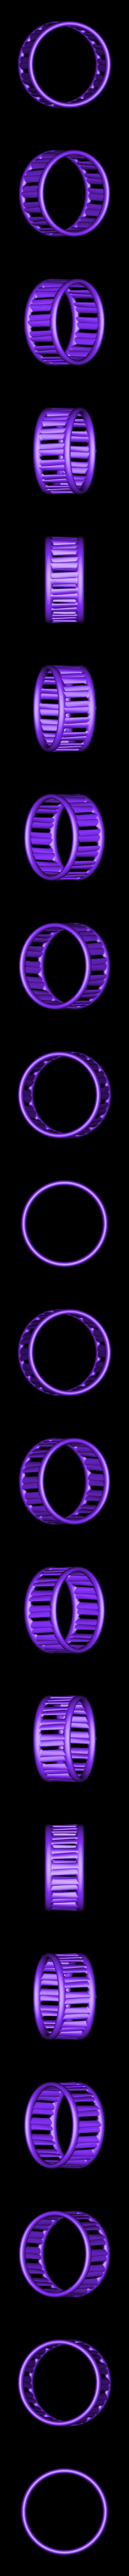 PI-Bracelet-ring_W1.1D.stl Télécharger fichier STL gratuit Bracelet Palmiga - Collection Bague • Plan imprimable en 3D, Palmiga